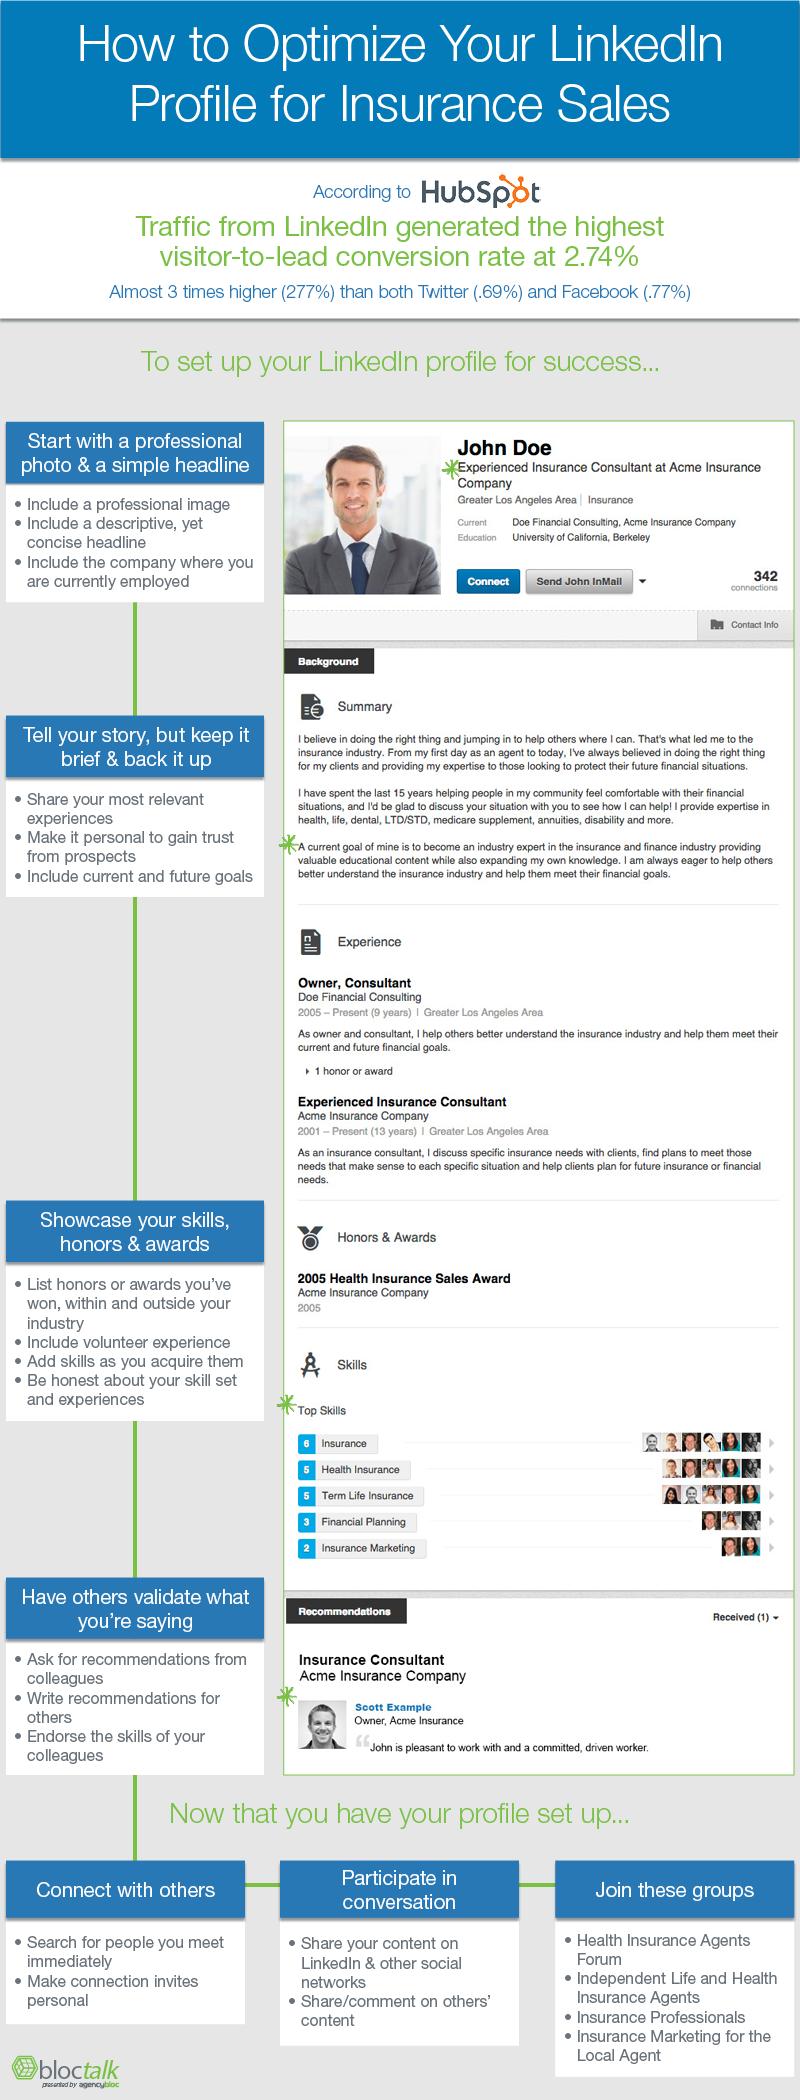 Les 7 erreurs à ne surtout pas commettre dans votre profil Linkedin ! 14